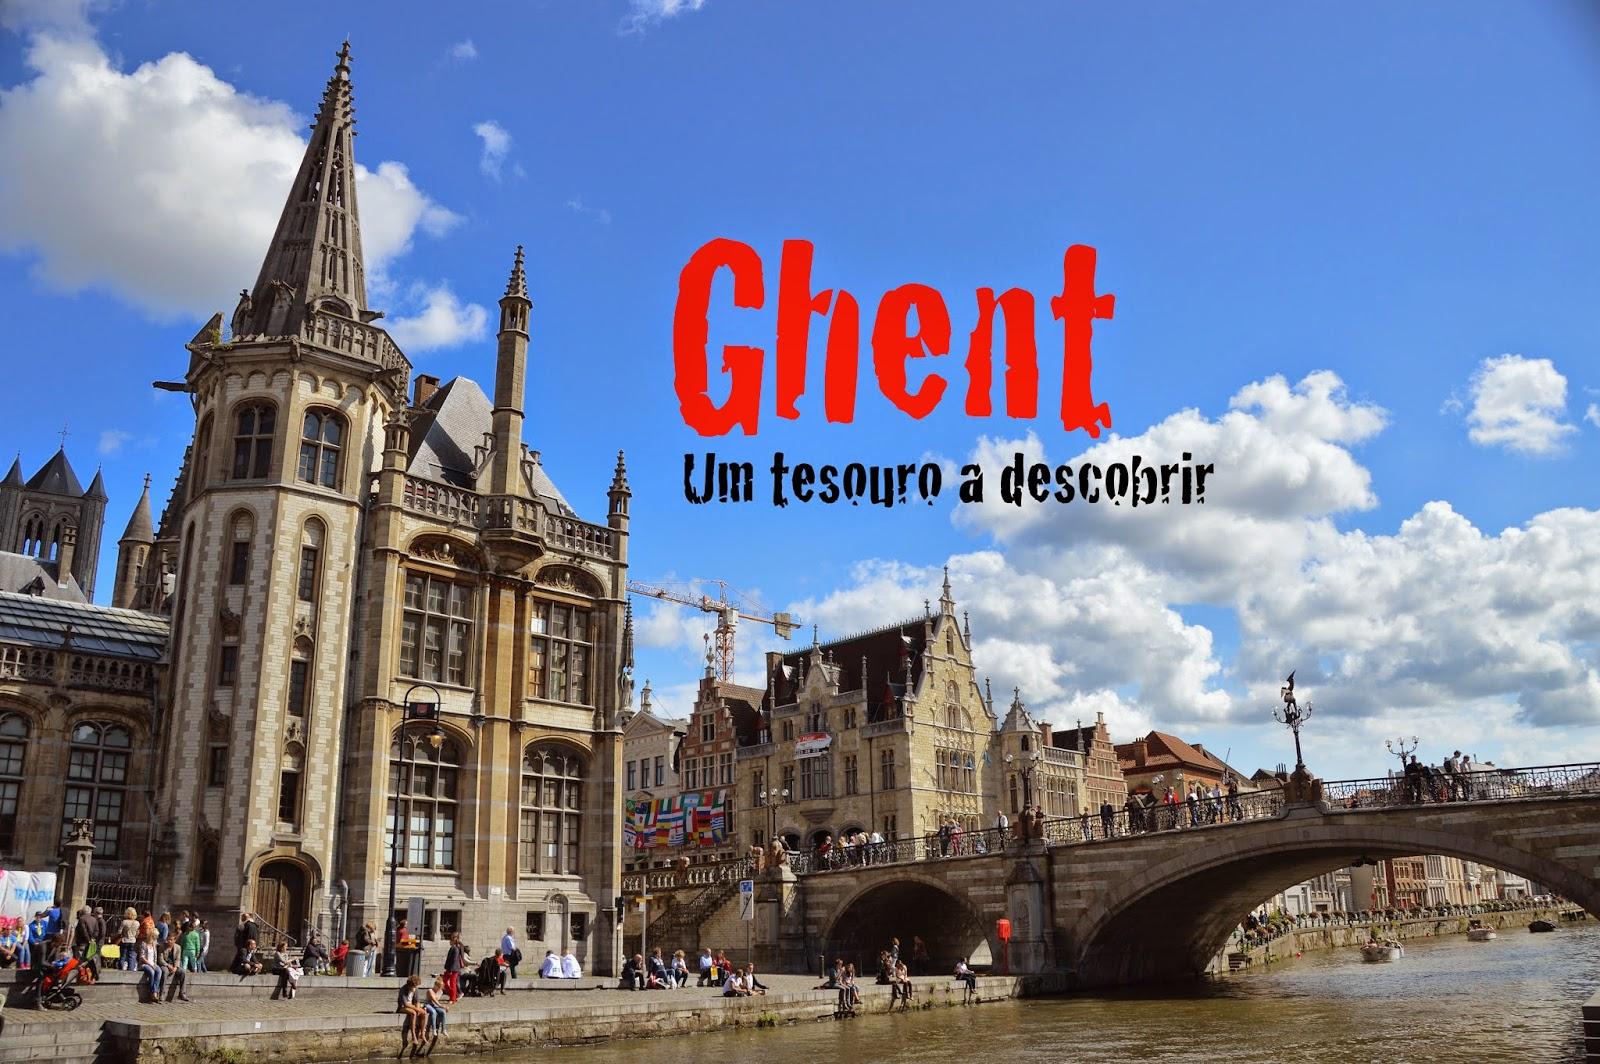 O que visitar em Gent/Ghent, Bélgica.